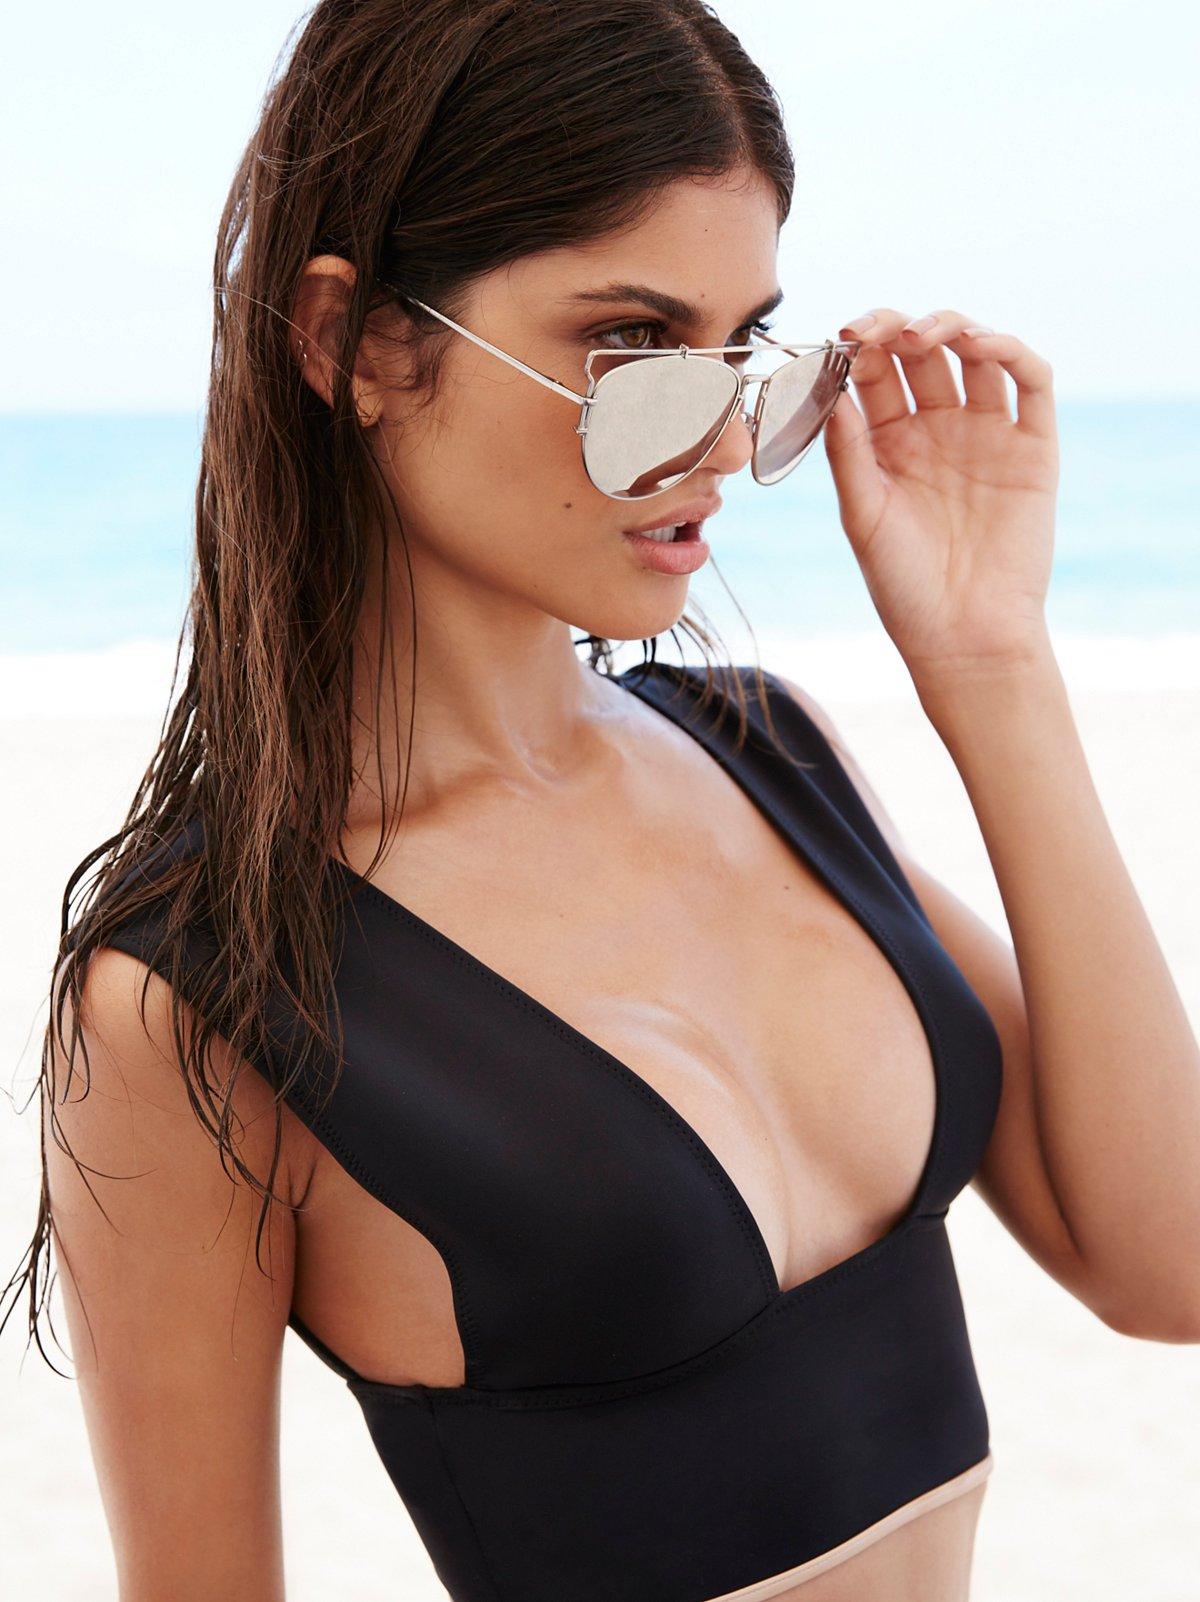 Scuba Grus Bikini Top